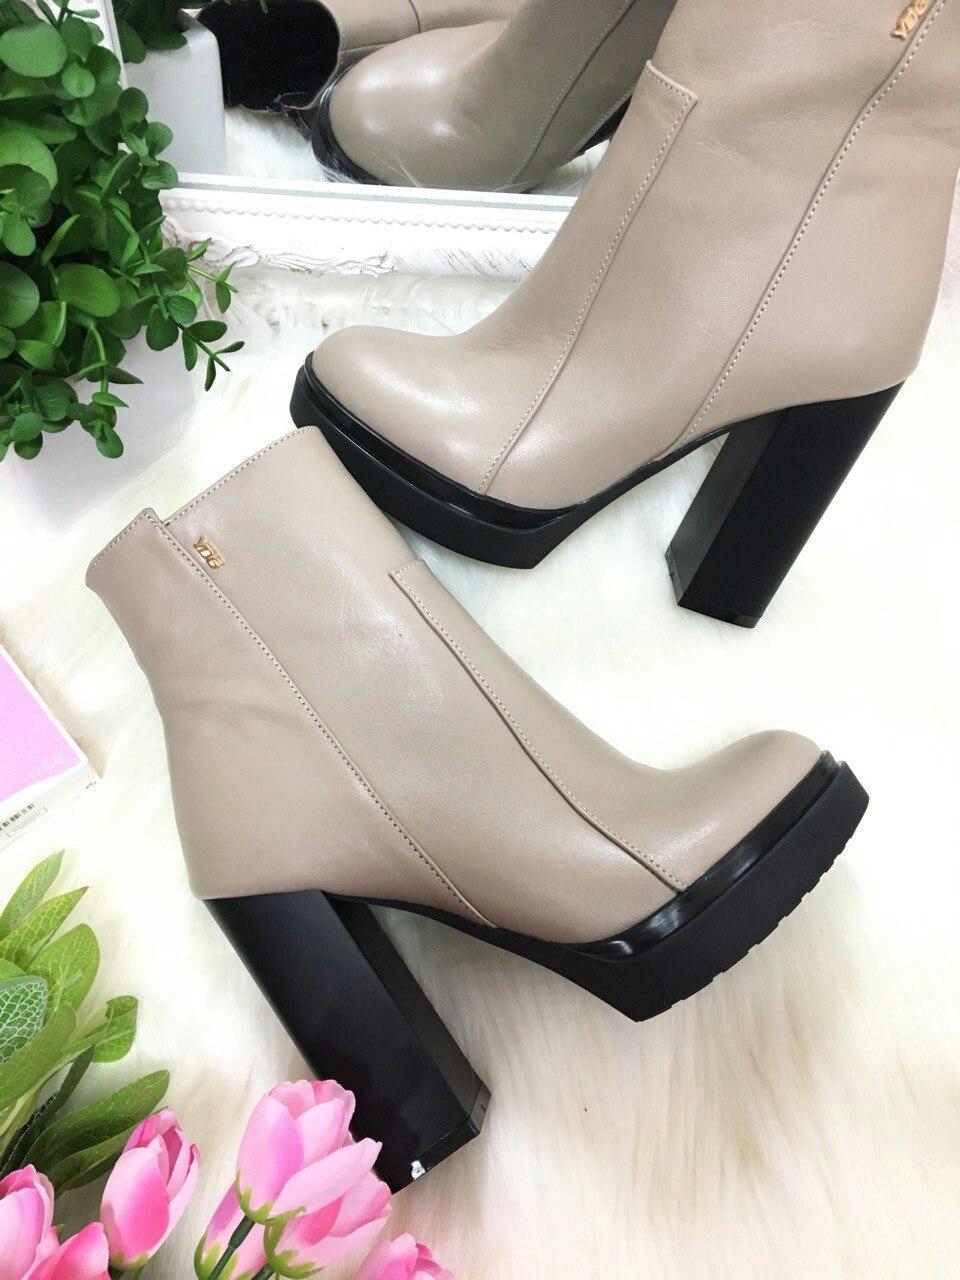 4805eff052ed Ботильоны кожаные с молнией на каблуке демисезонные серые - Интернет-магазин  обуви Vzuto.com